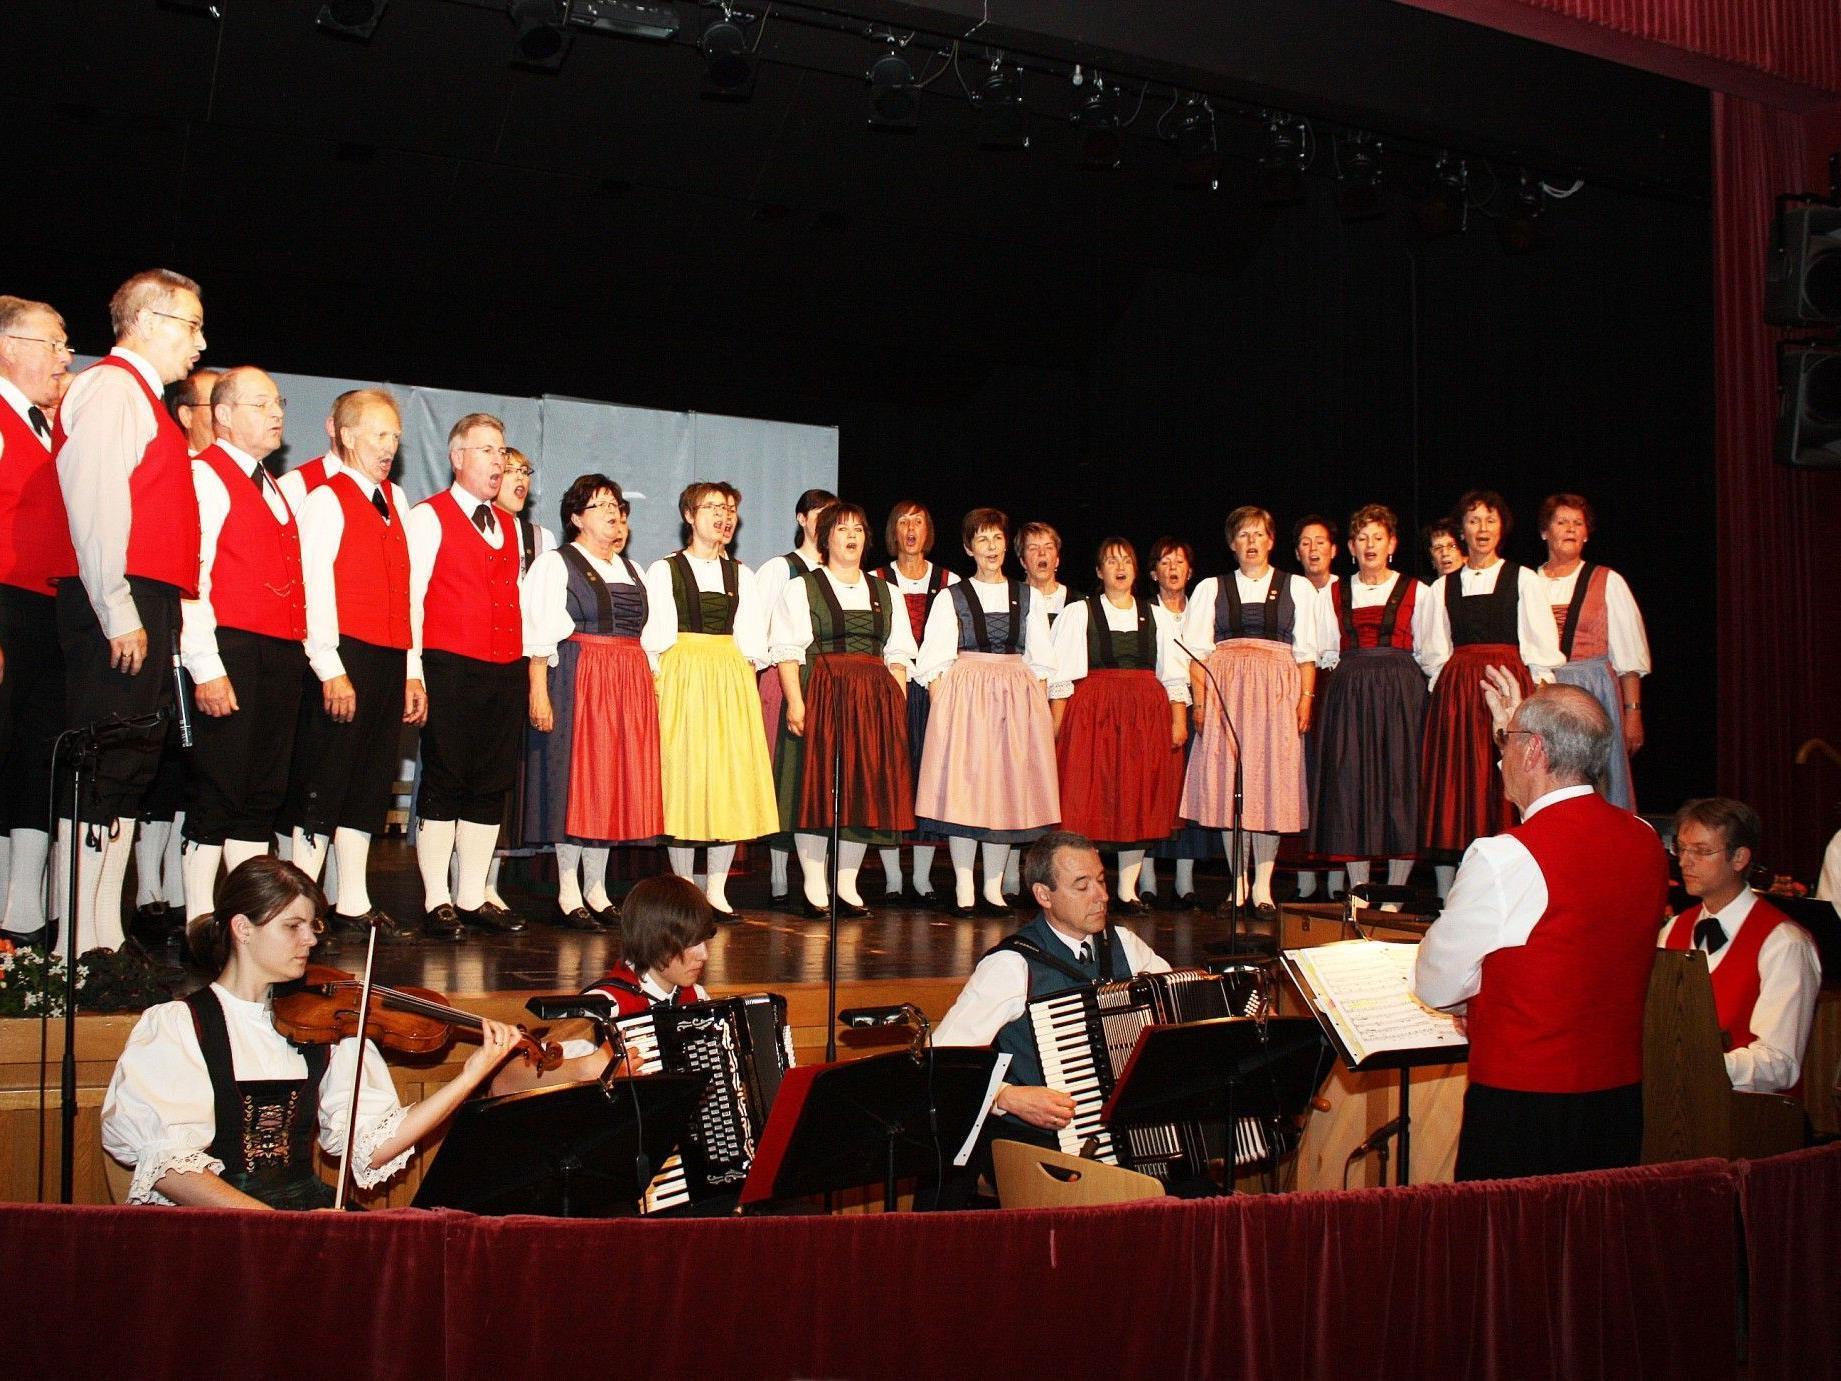 Chor der Trachtengruppe Lustenau singt klangschönes Volksliedgut zur Vorweihachtszeit.